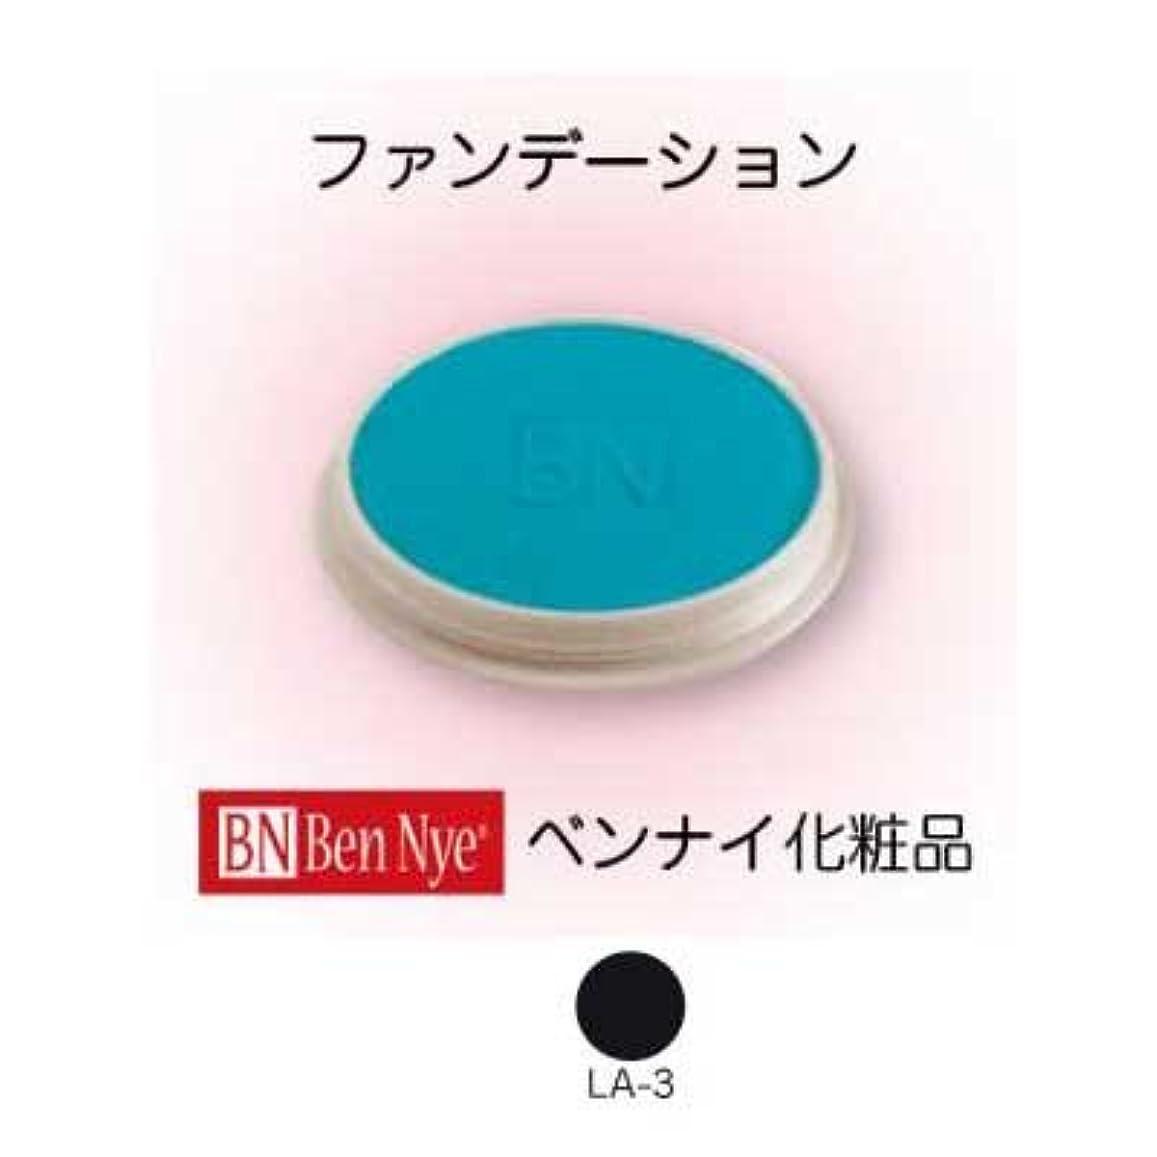 マジケーキ LA-3【ベンナイ化粧品】